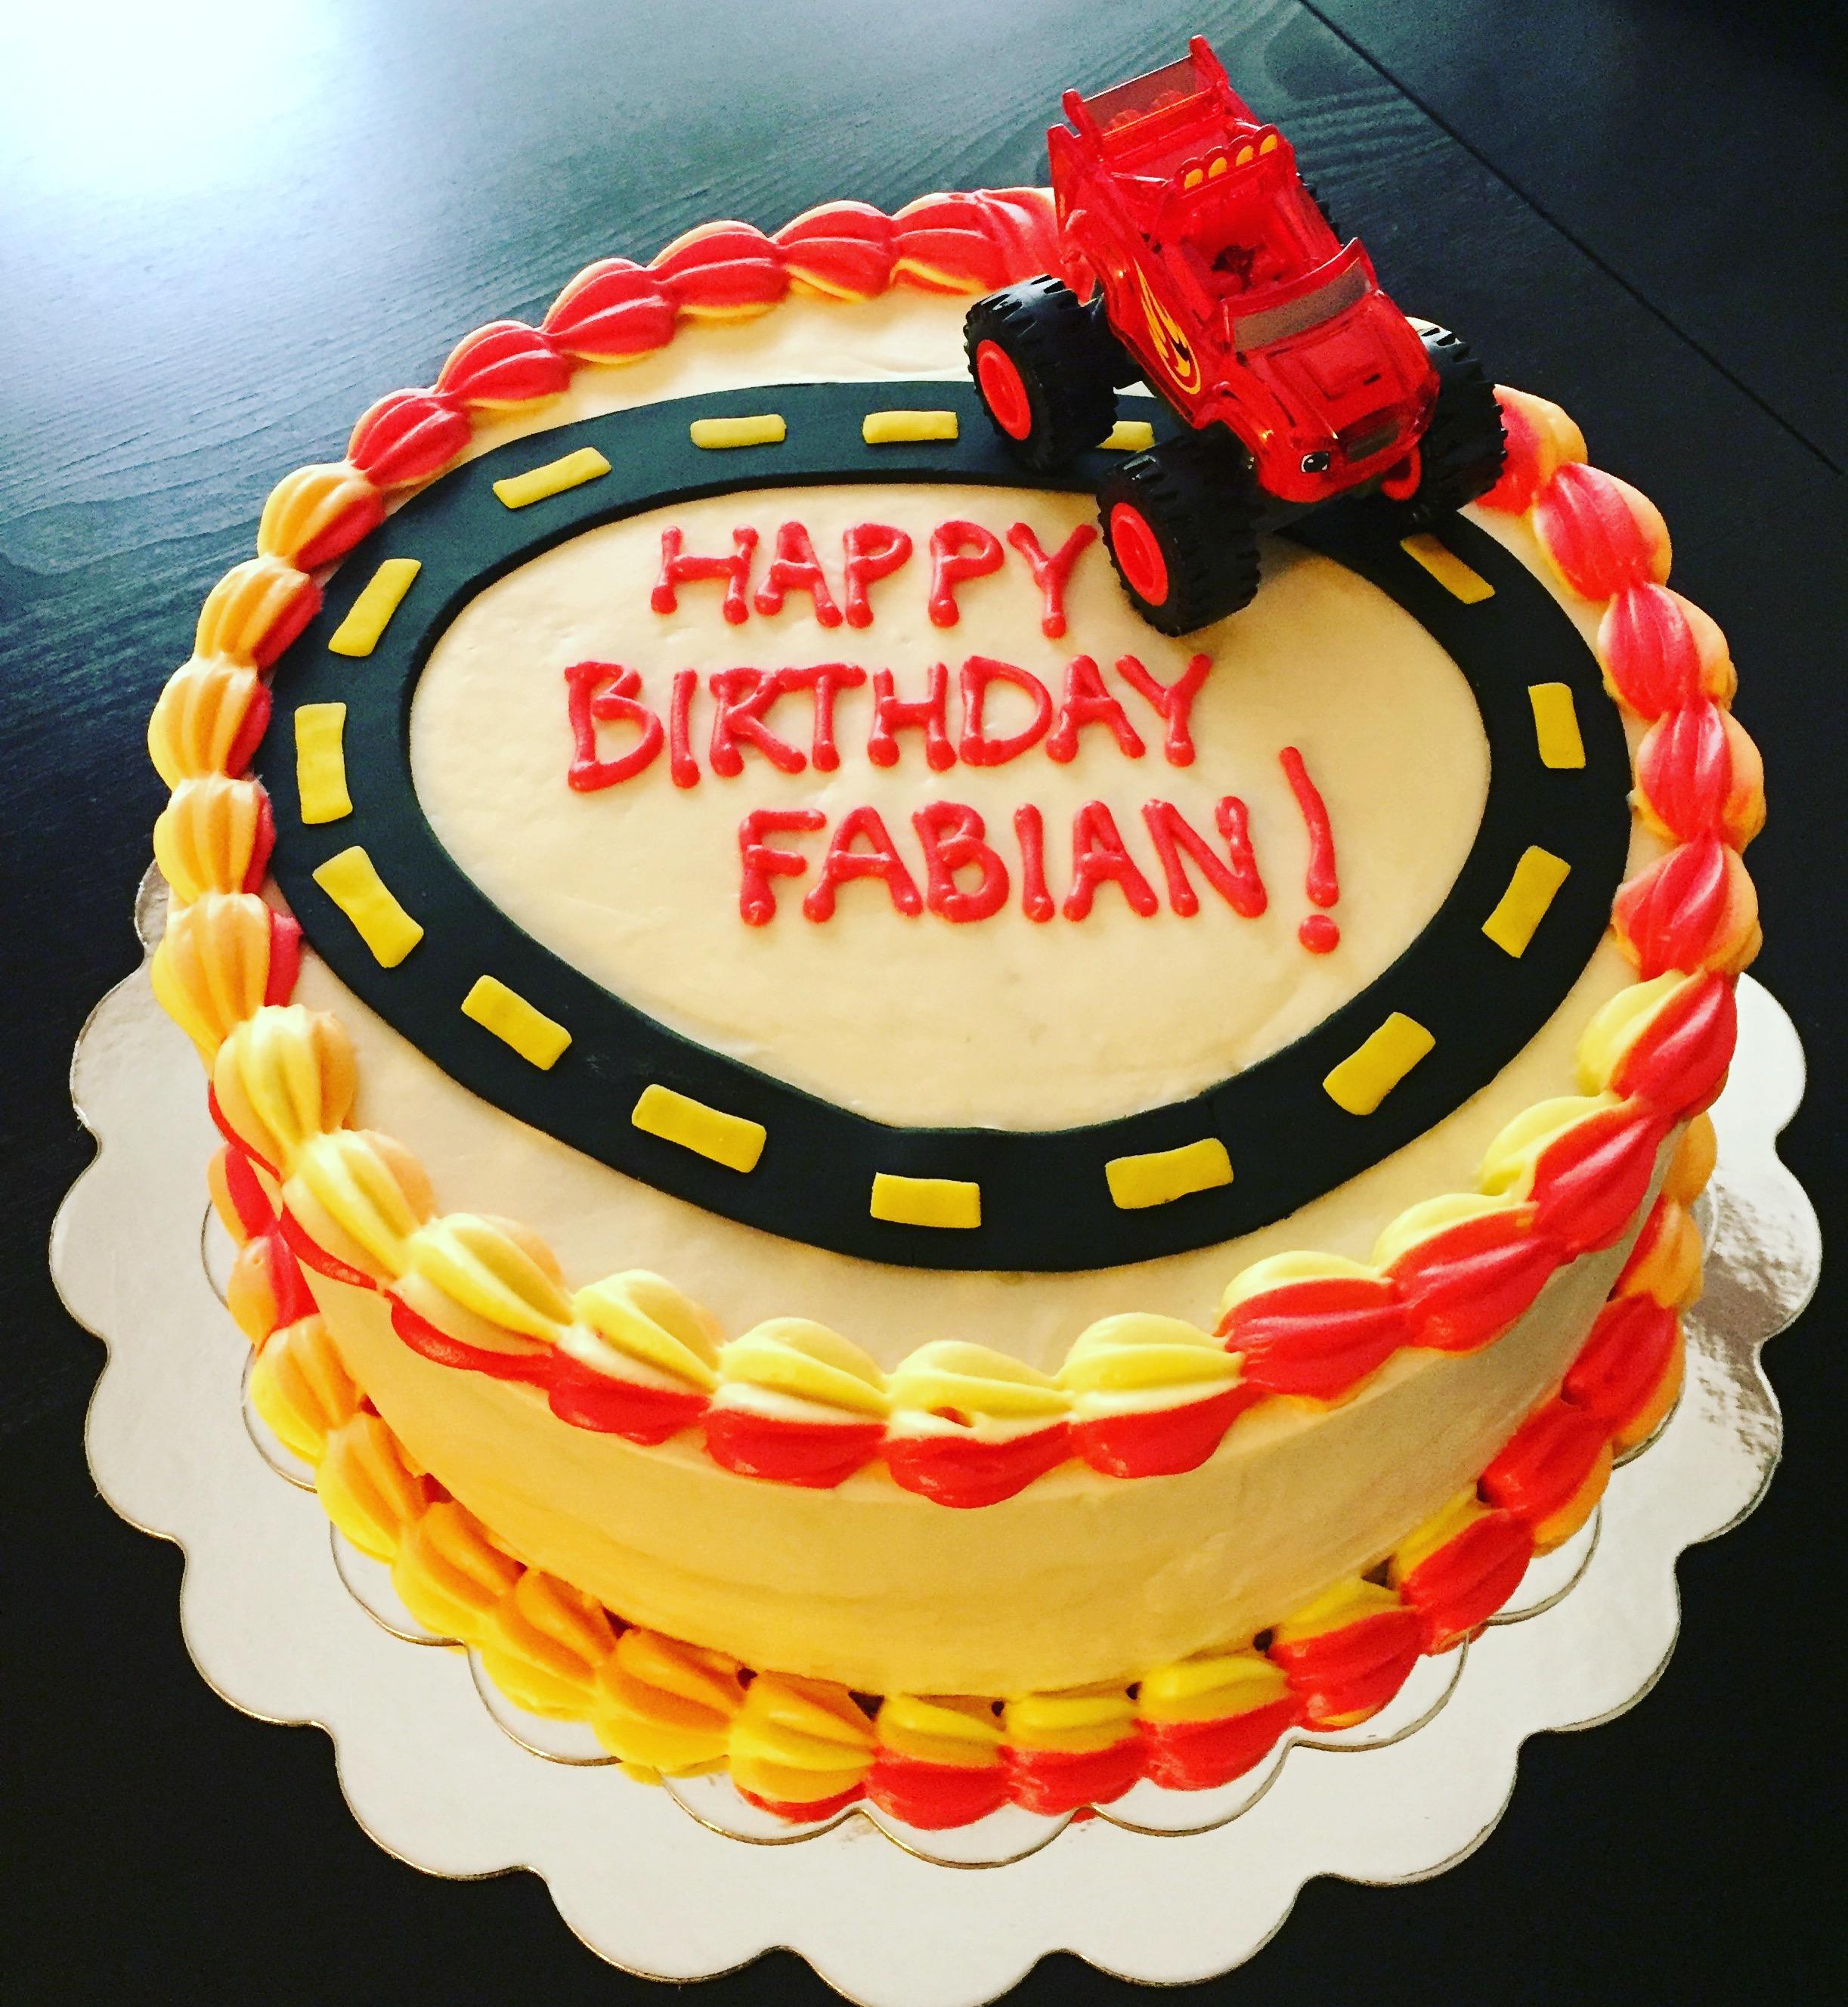 Blaze and the Machine Birthday Cake